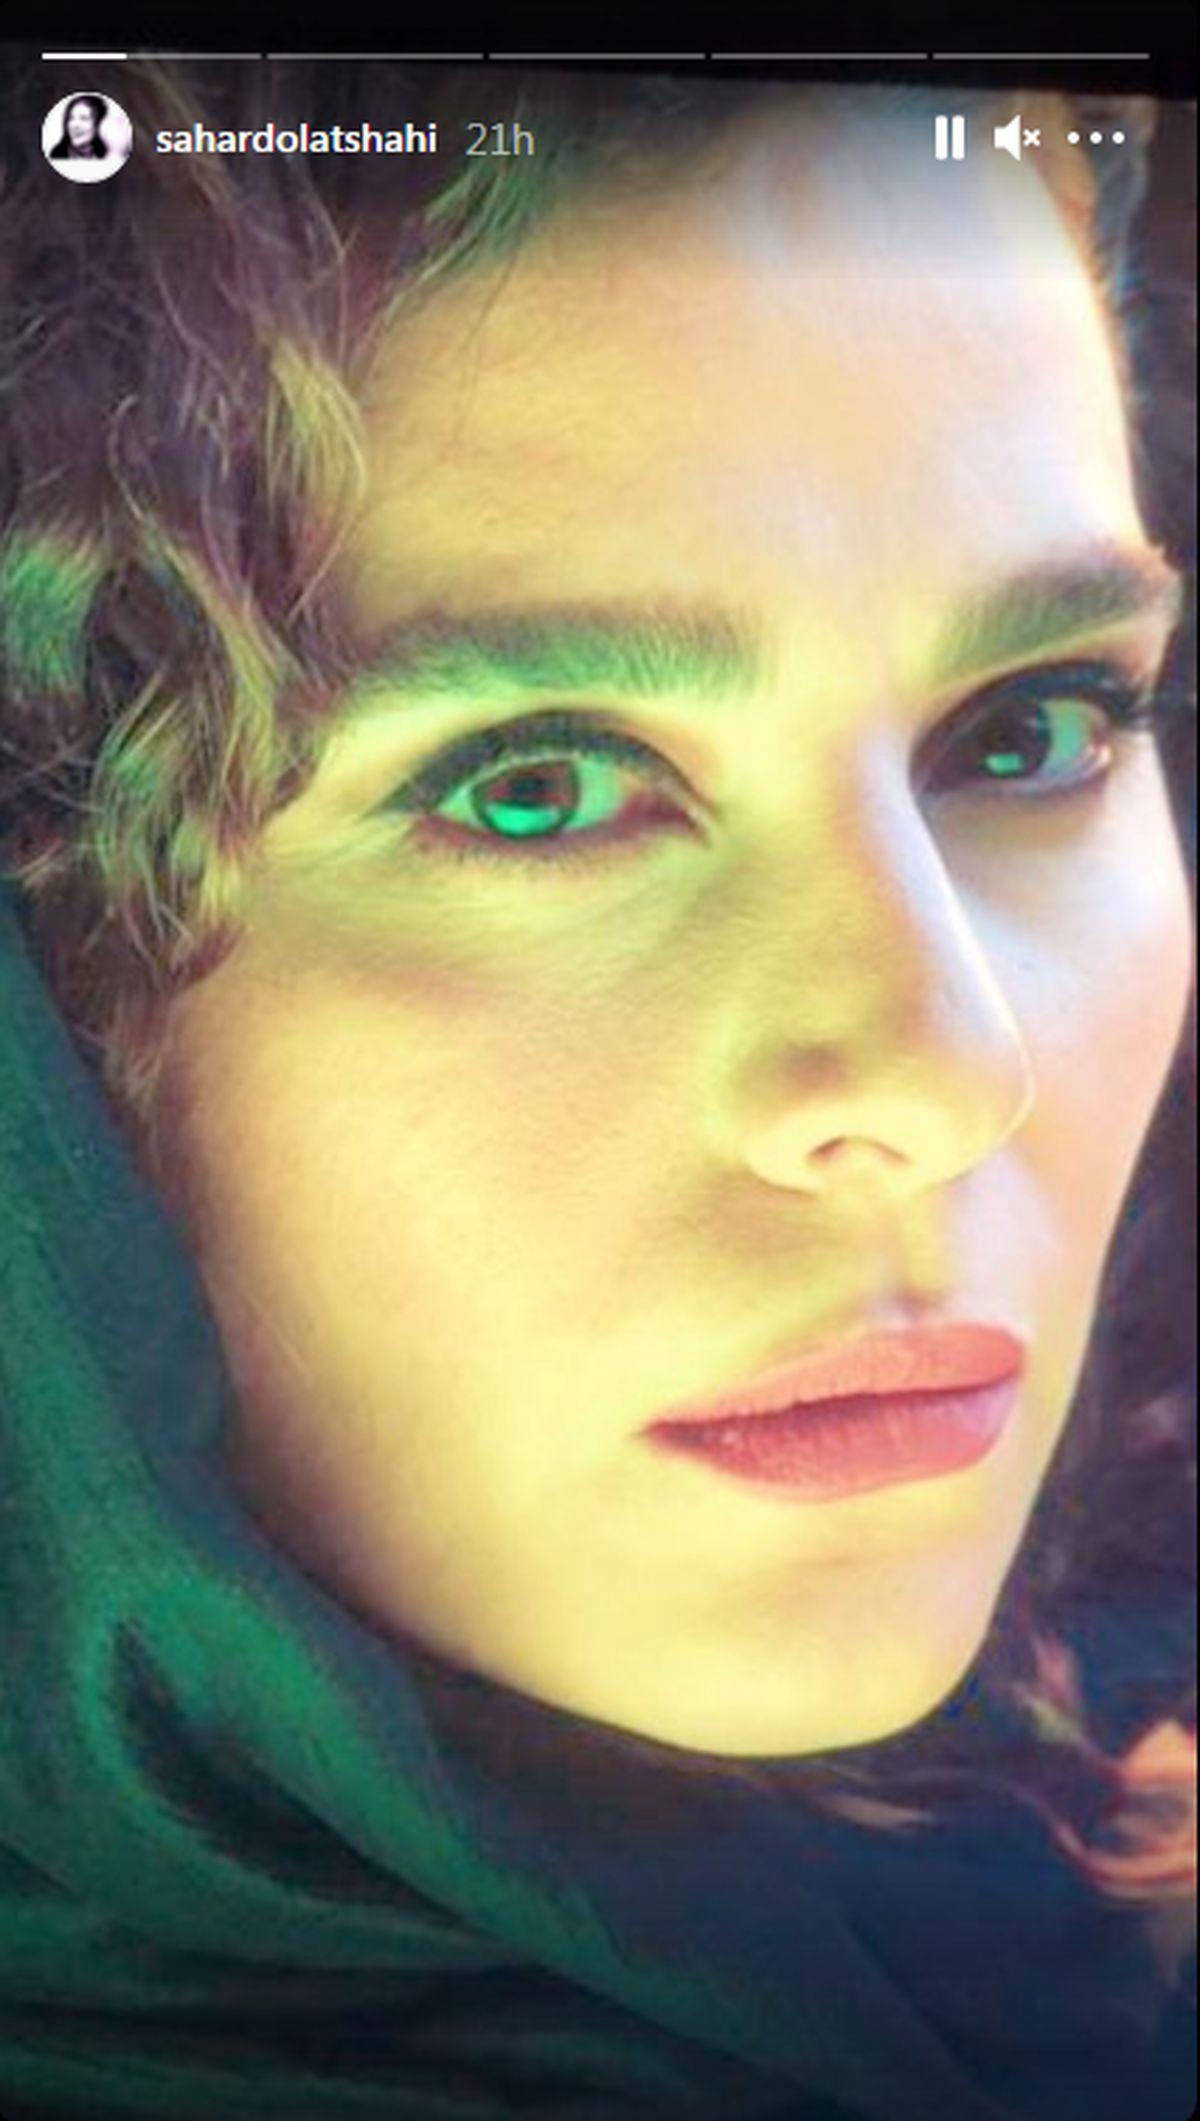 چهره جدید سحر دولتشاهی بعد از عمل های زیبایی + عکس